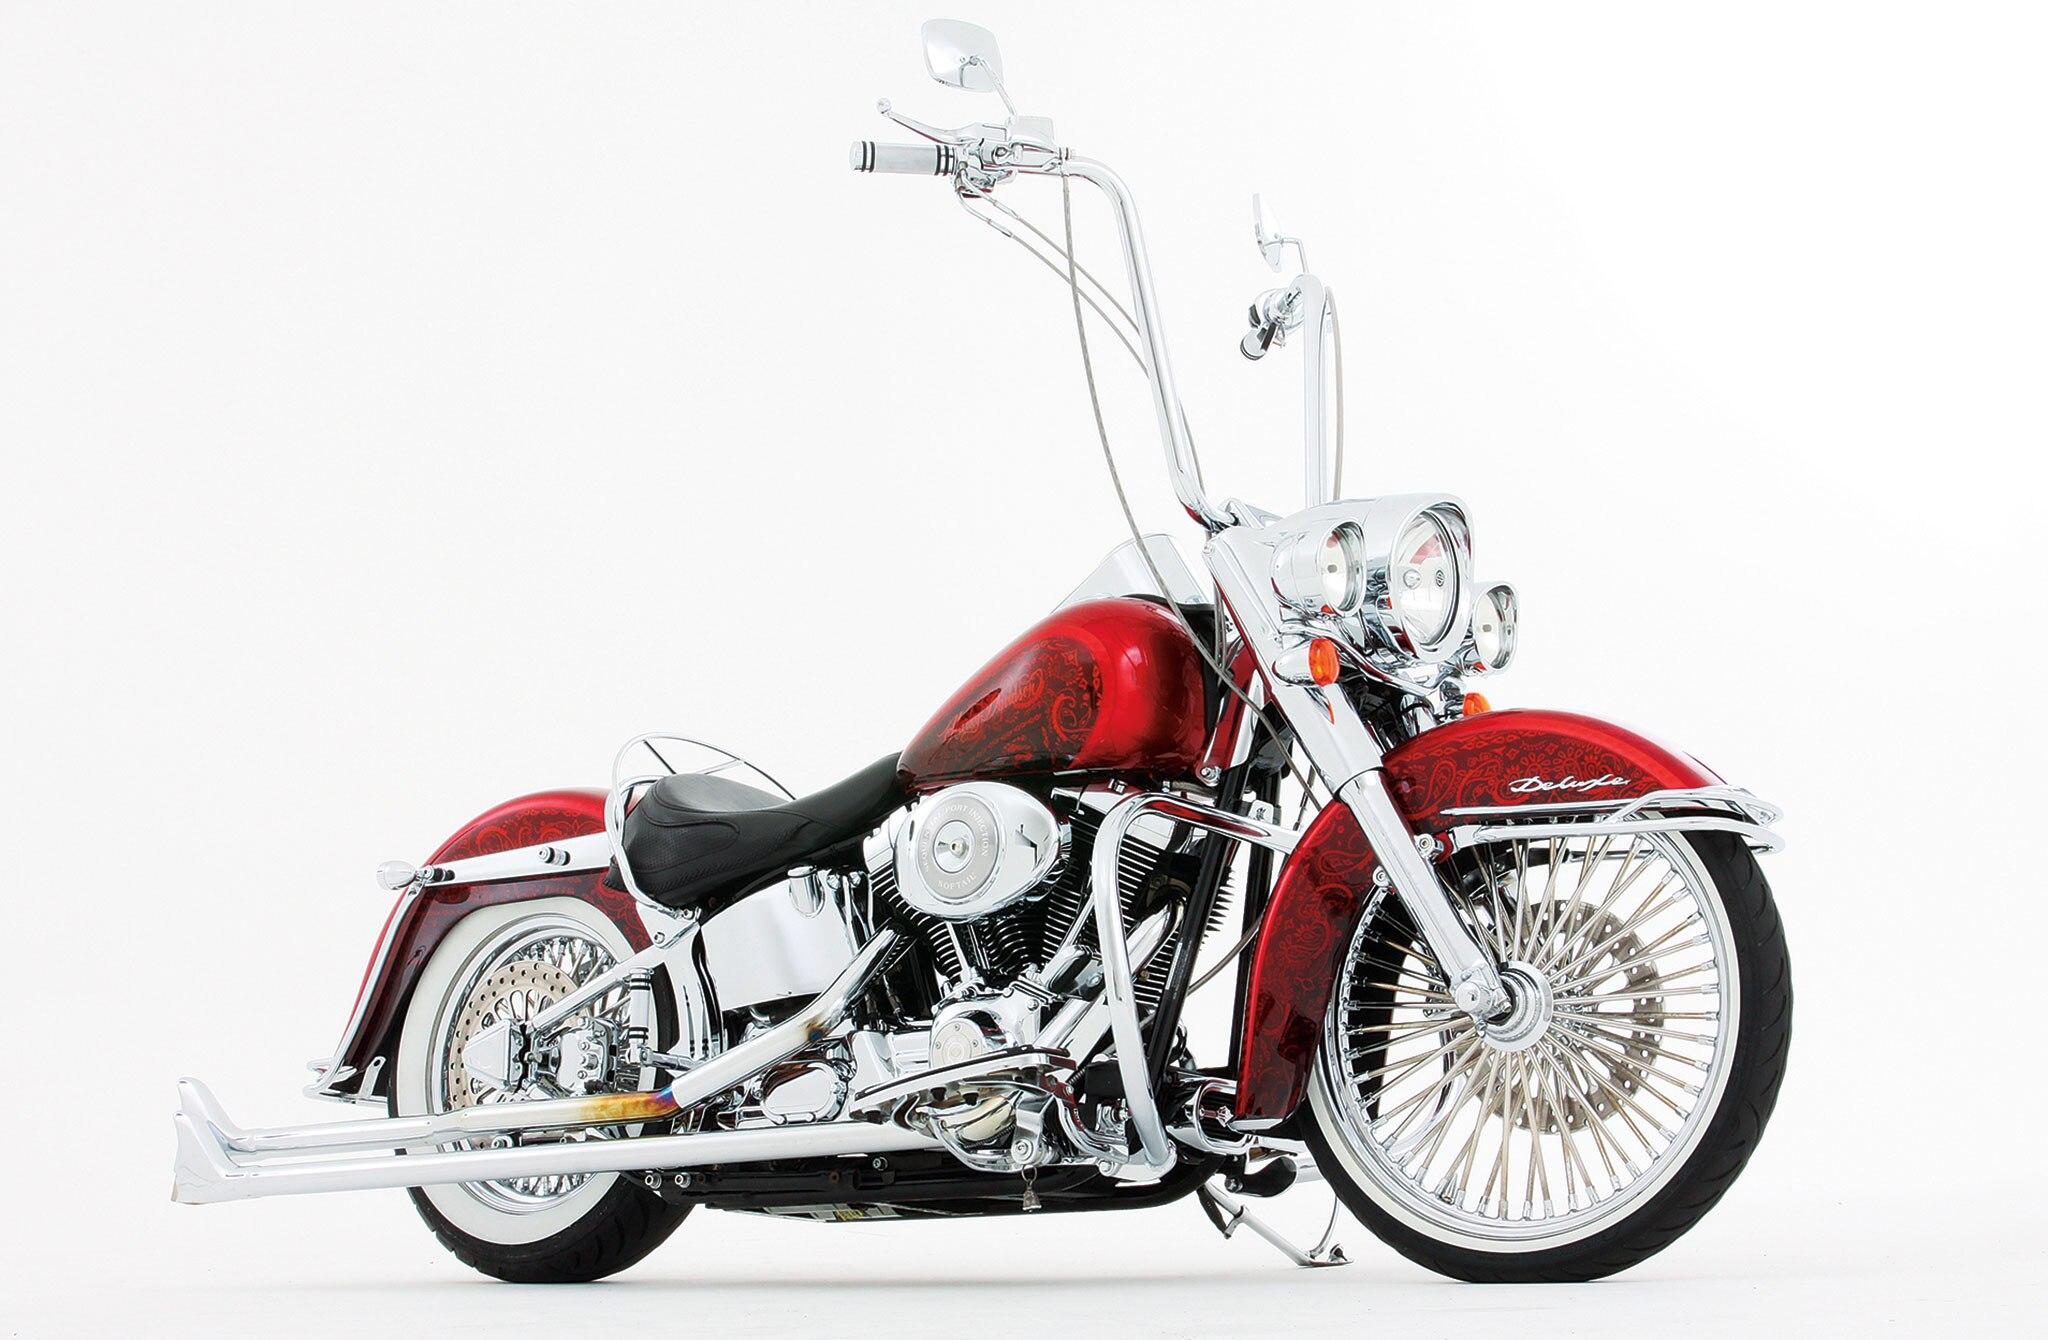 Populaire 2005 Harley Davidson Softail Deluxe - Dia de Los Muertos - Lowrider UQ23